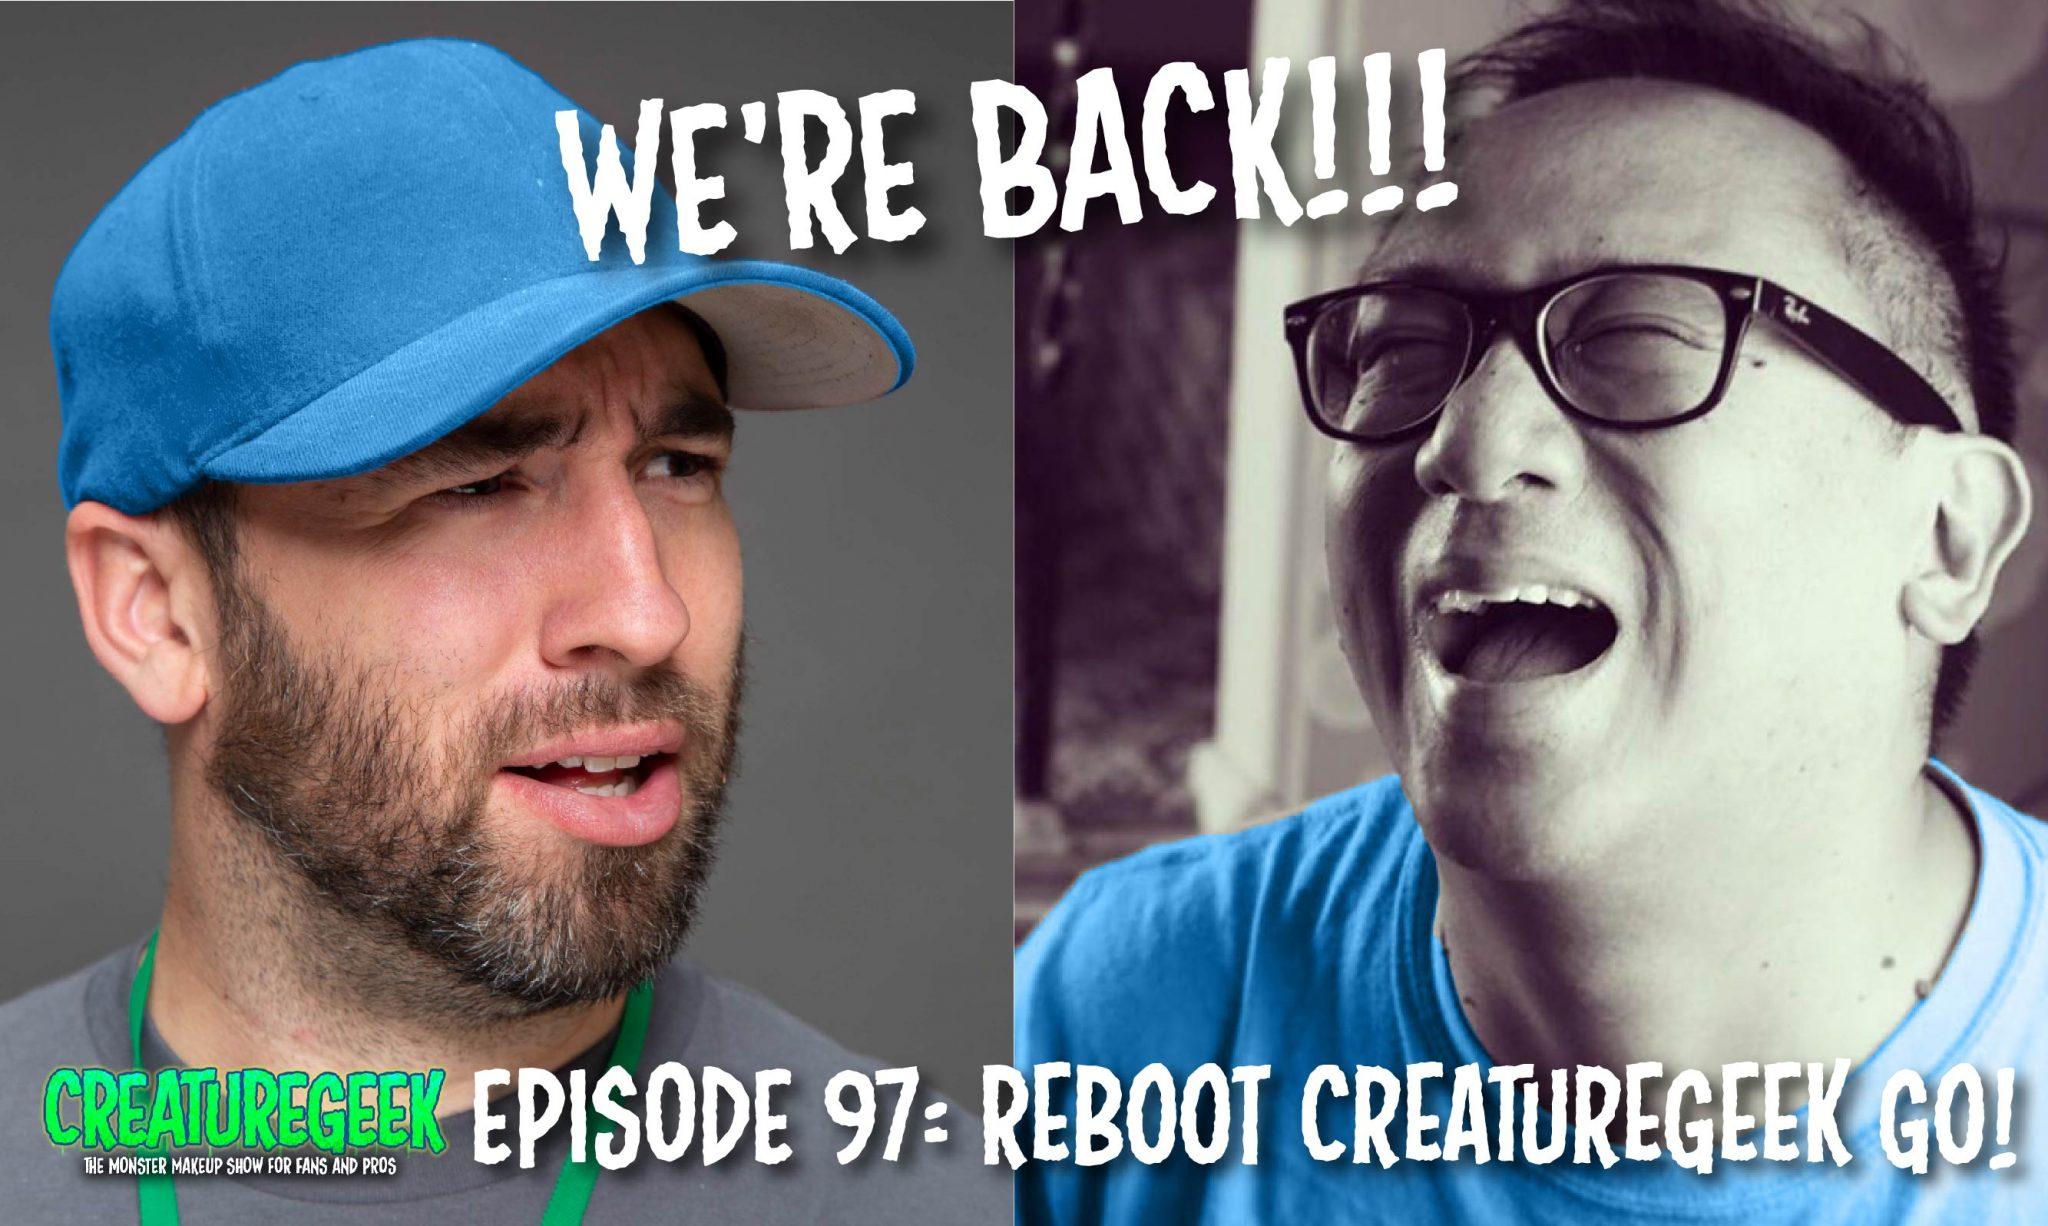 Reboot CreatureGeek Go! – Episode 97 -9/5/19